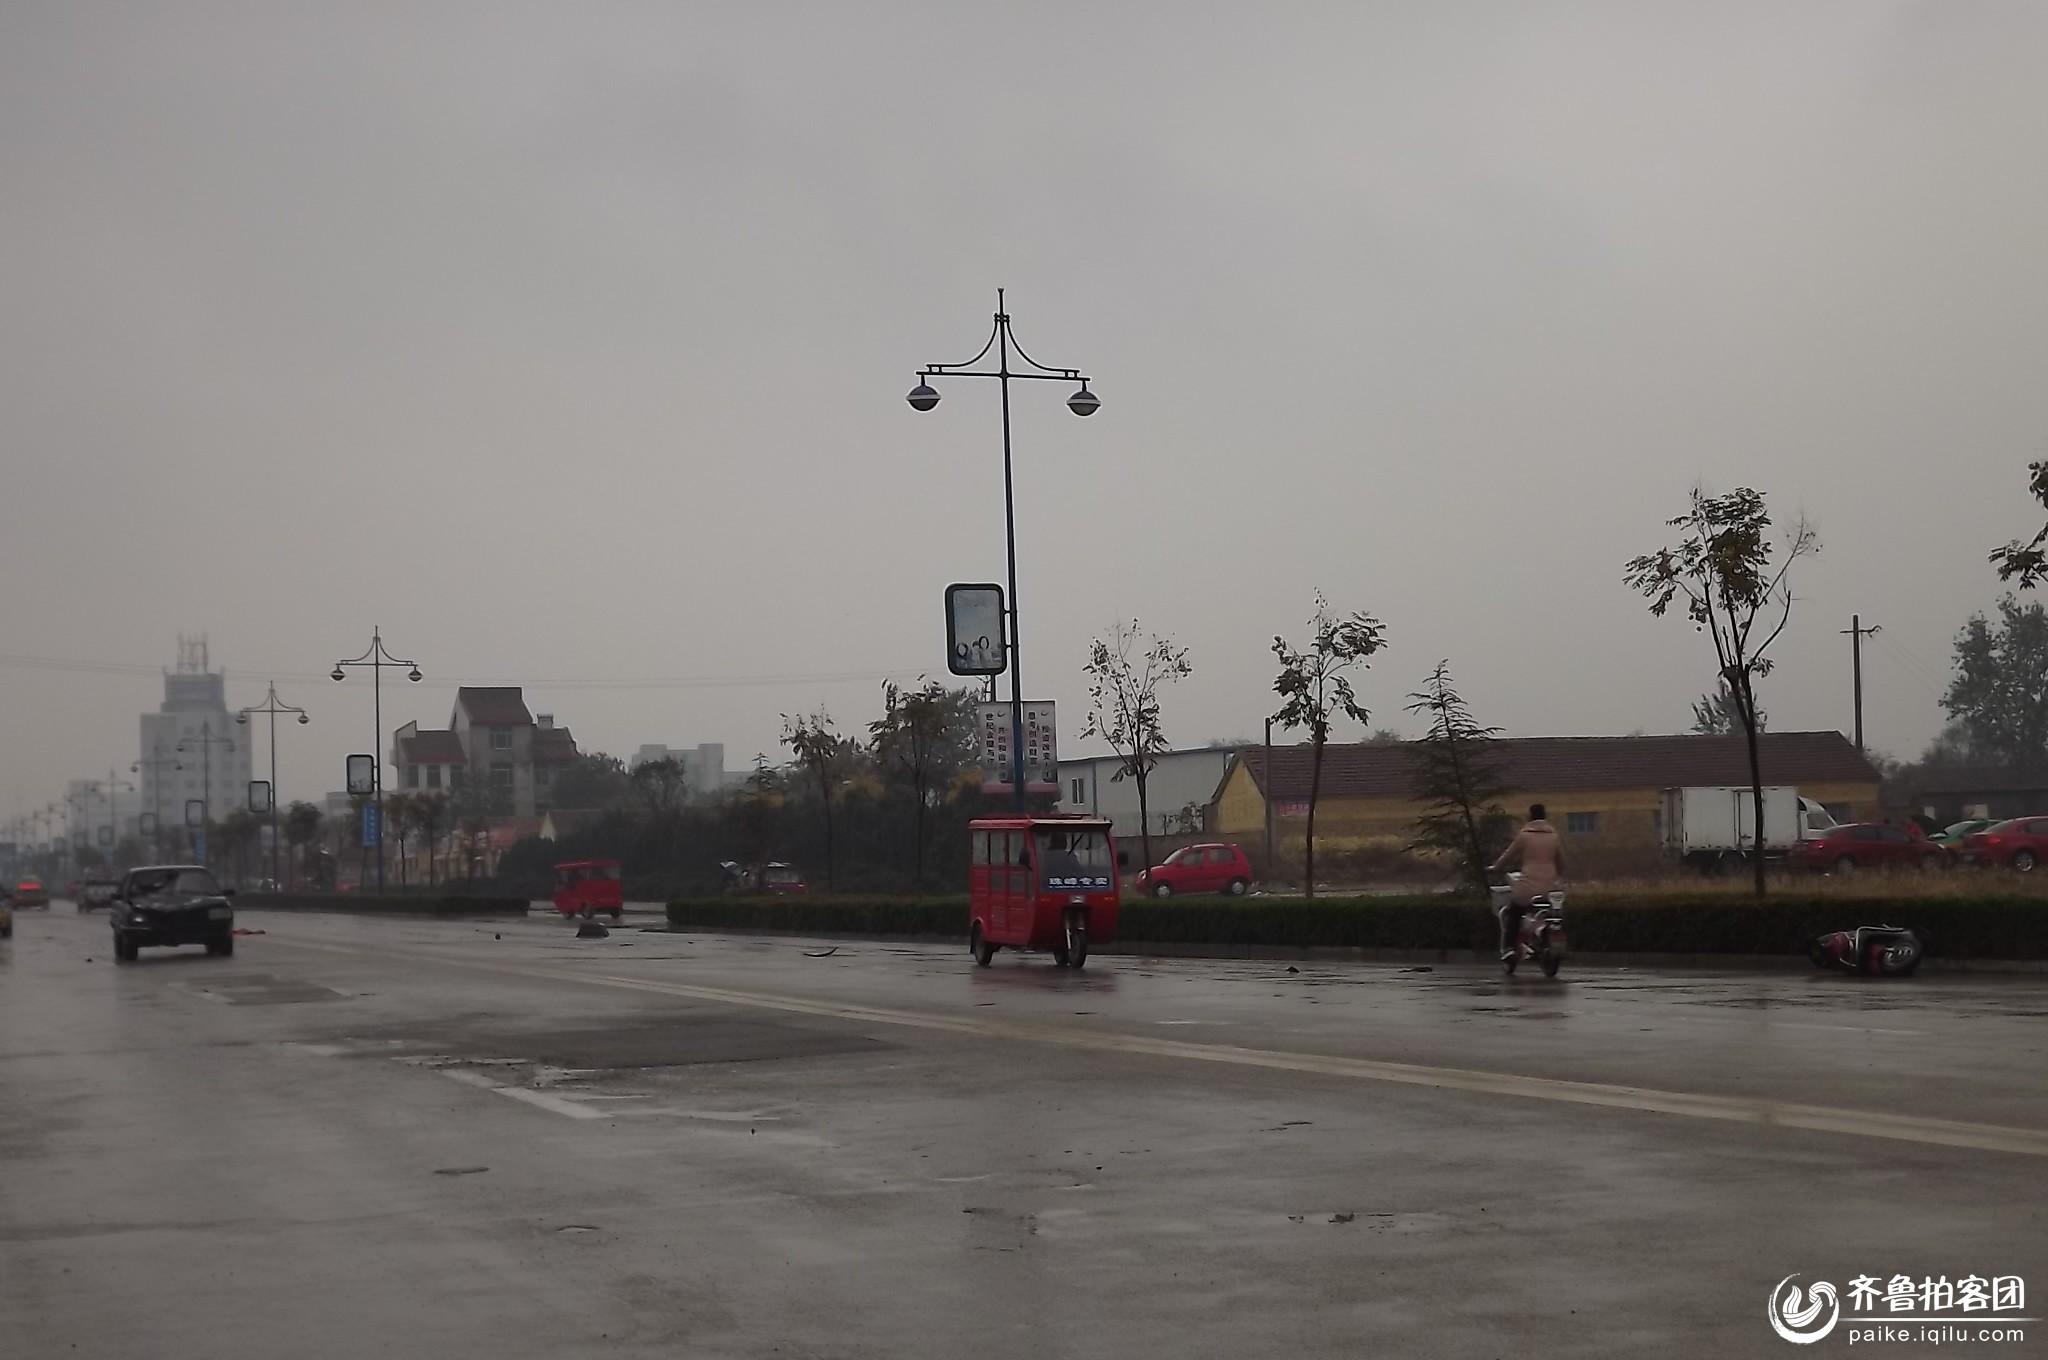 拍客提醒大家,雨天路滑出行注意安全 车祸猛于虎 当事人双